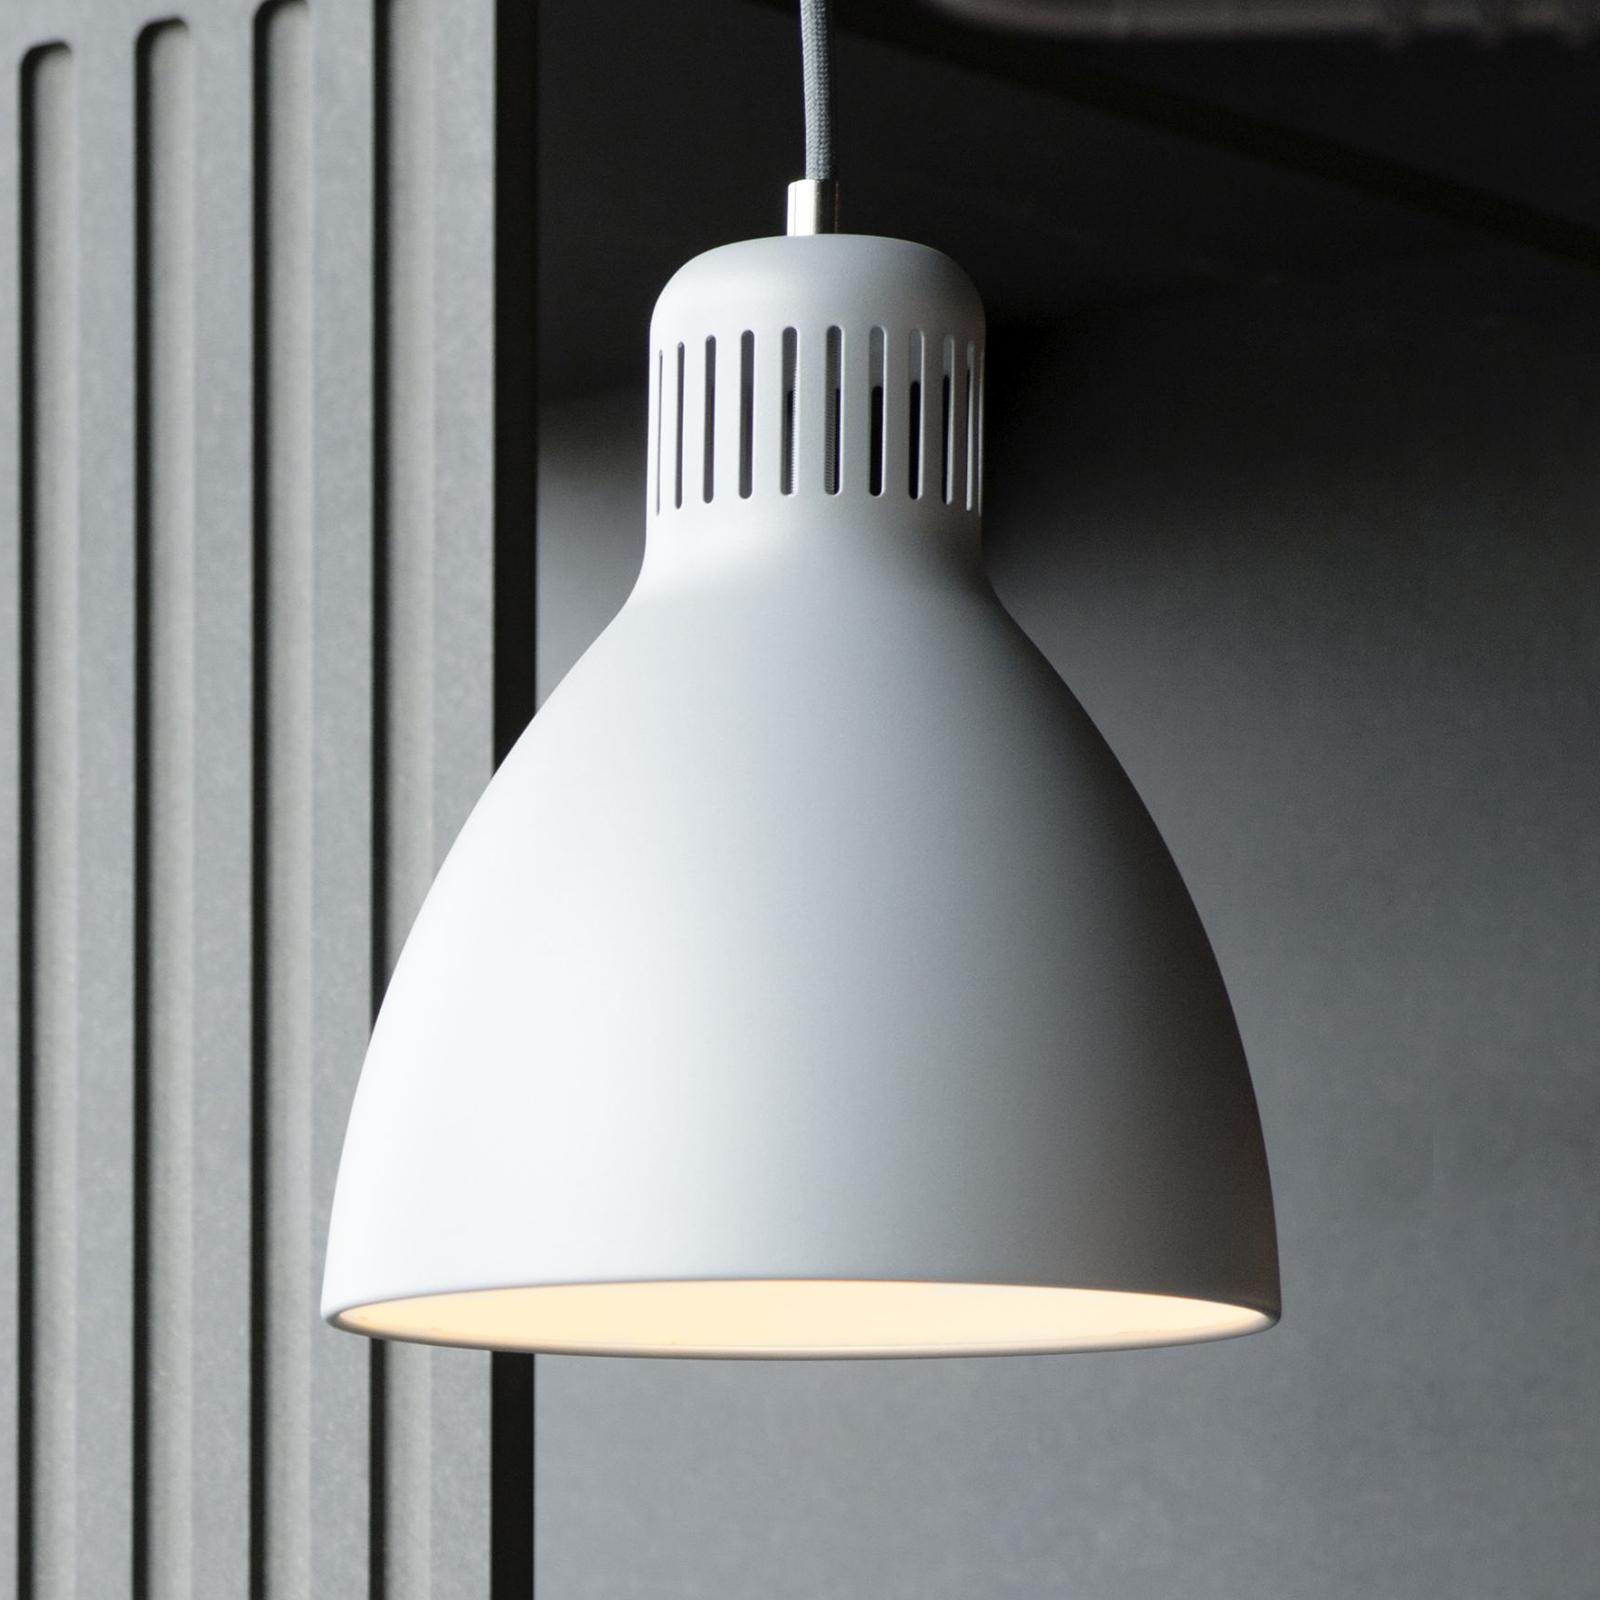 LED-riippuvalaisin L-1, DALI, 4 000 K, valkoinen